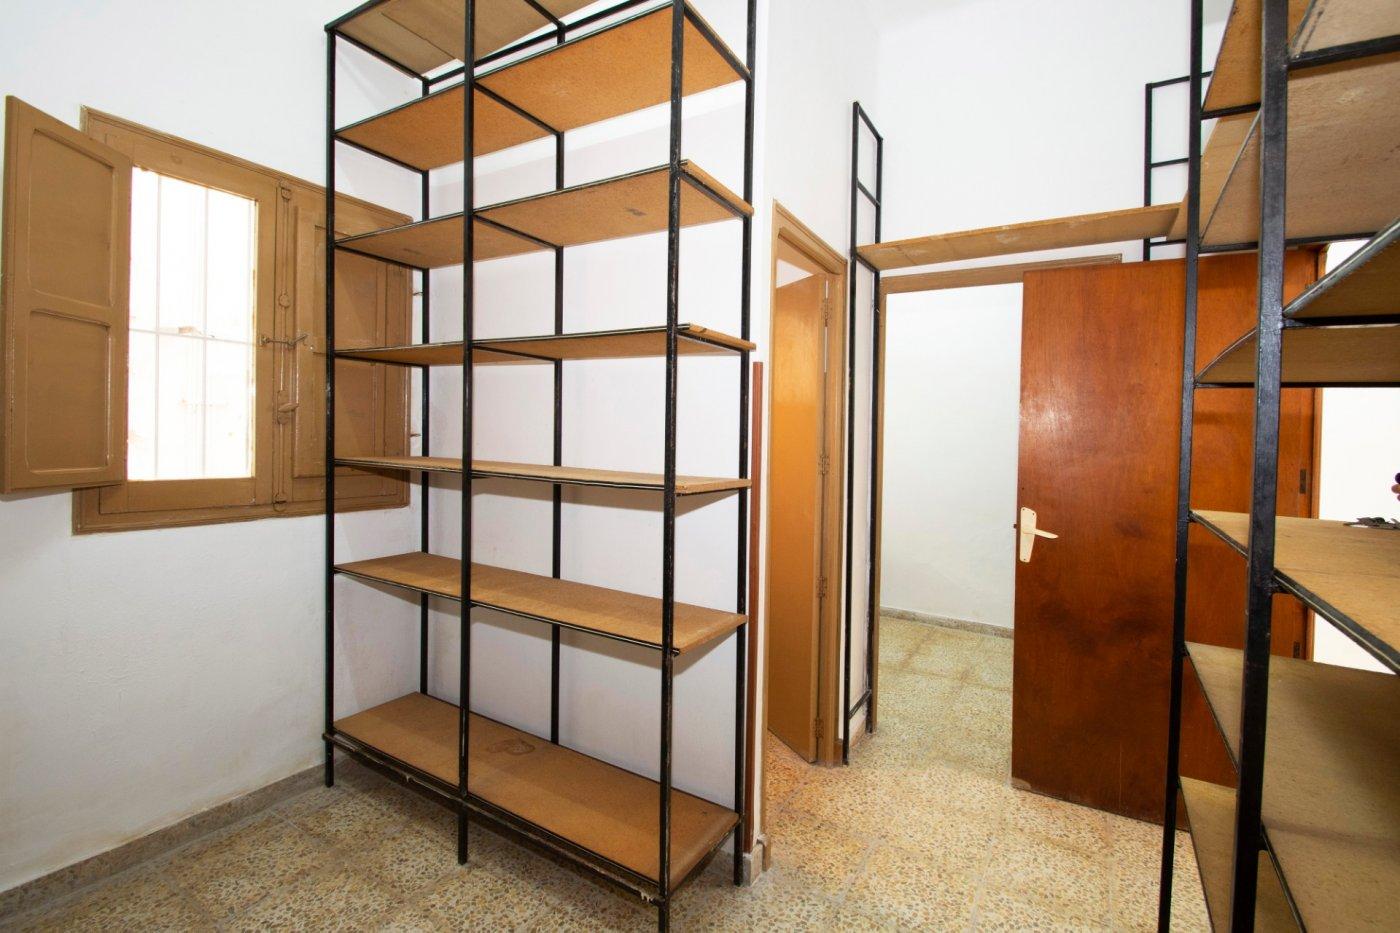 Local comercial para reformar en venta en Cartagena, Jose Maria La Puerta